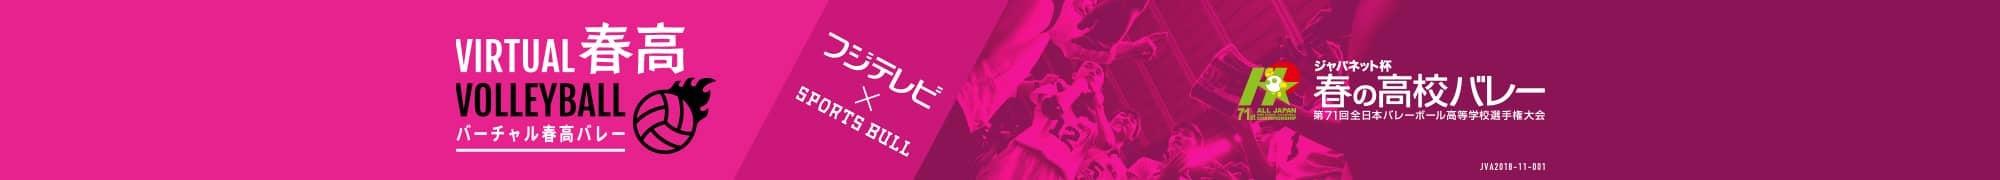 """2003年ワールドカップバレーで日本にバレーブームを巻き起こした大山加奈と栗原恵、通称""""メグカナ""""ワールドカップの1年前に2人は春の高校バレー女子決勝戦で直接対決をしていました。…"""